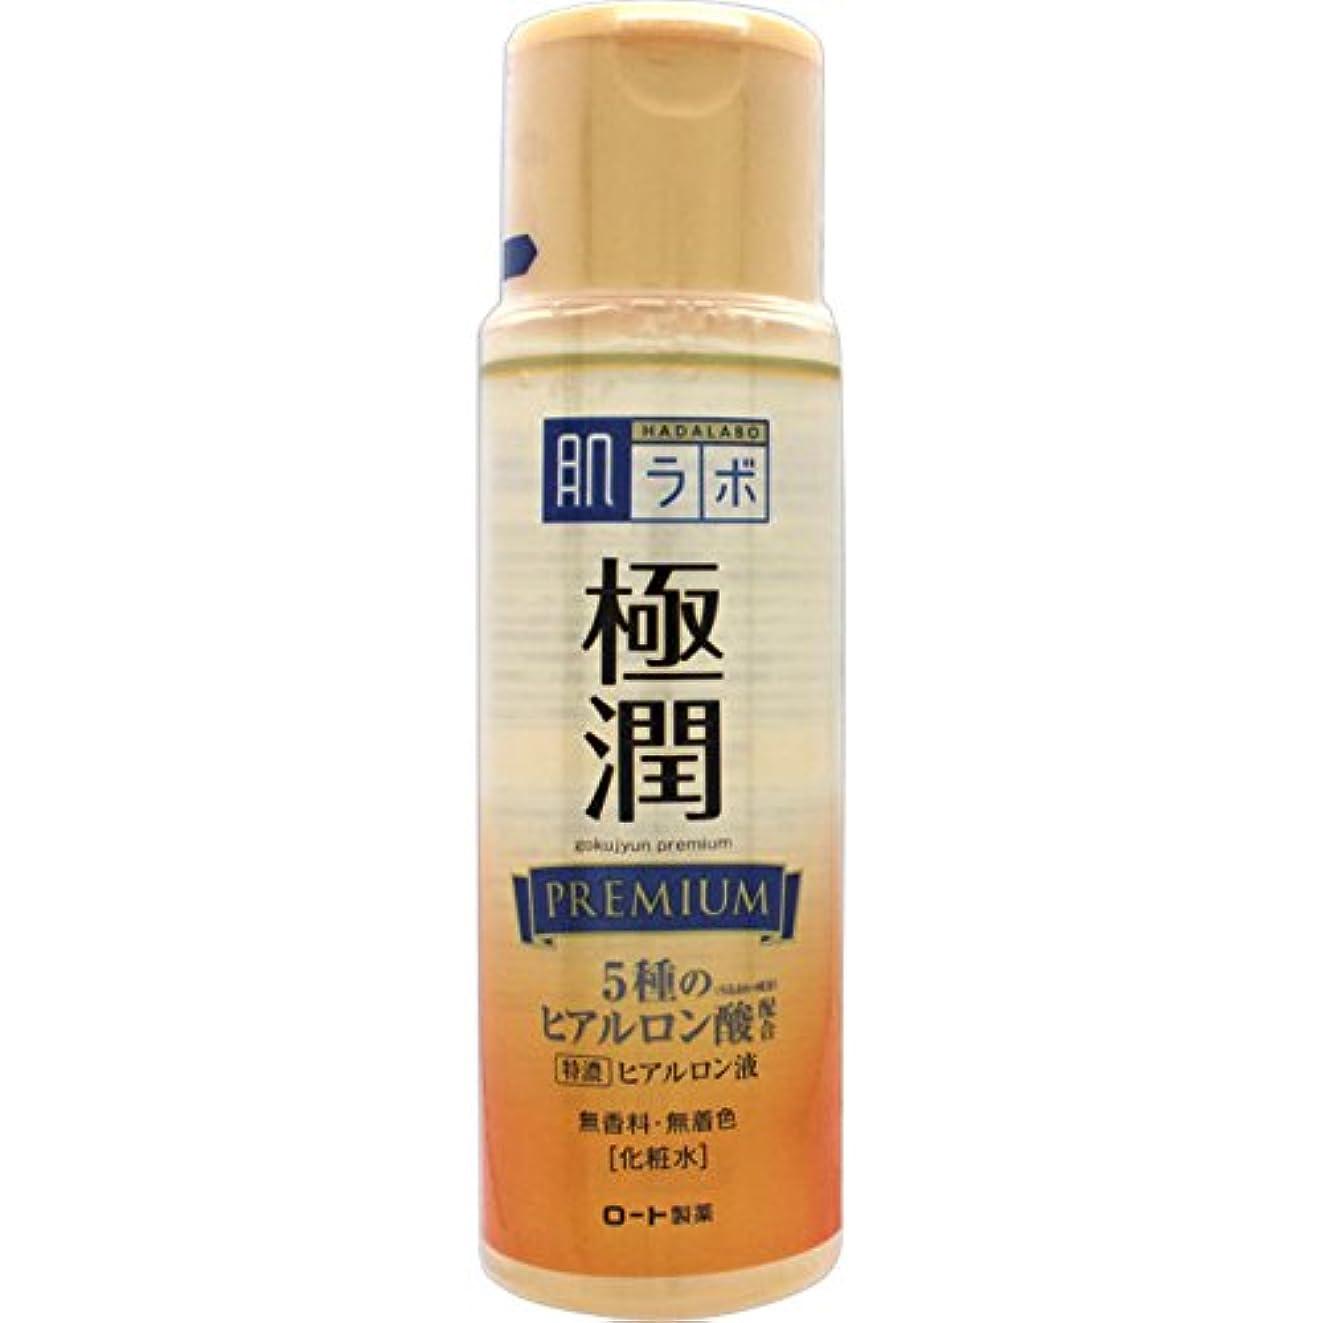 帳面マサッチョチャット肌ラボ 極潤プレミアム 特濃ヒアルロン酸 化粧水 ヒアルロン酸5種類×サクラン配合 170mL